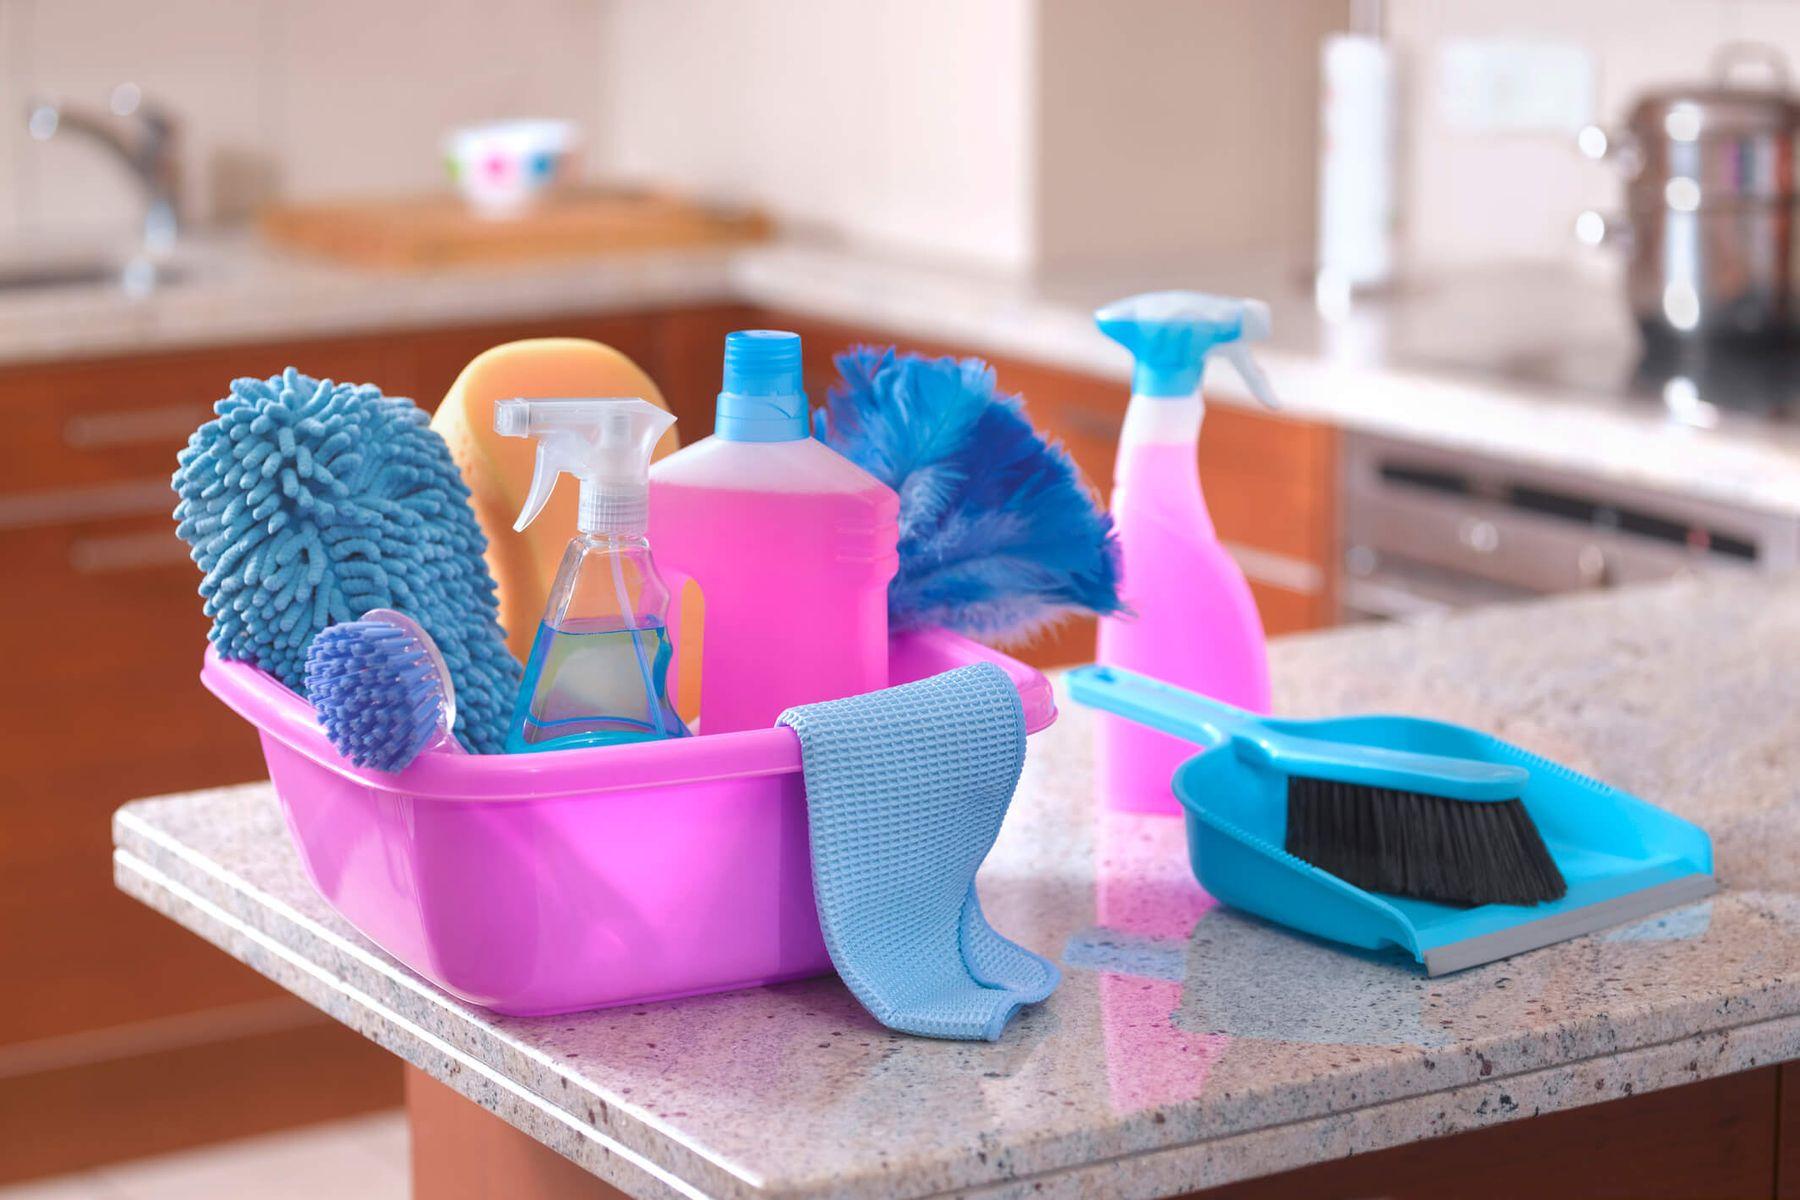 Como prevenir a intoxicacao por produtos de limpeza em casa